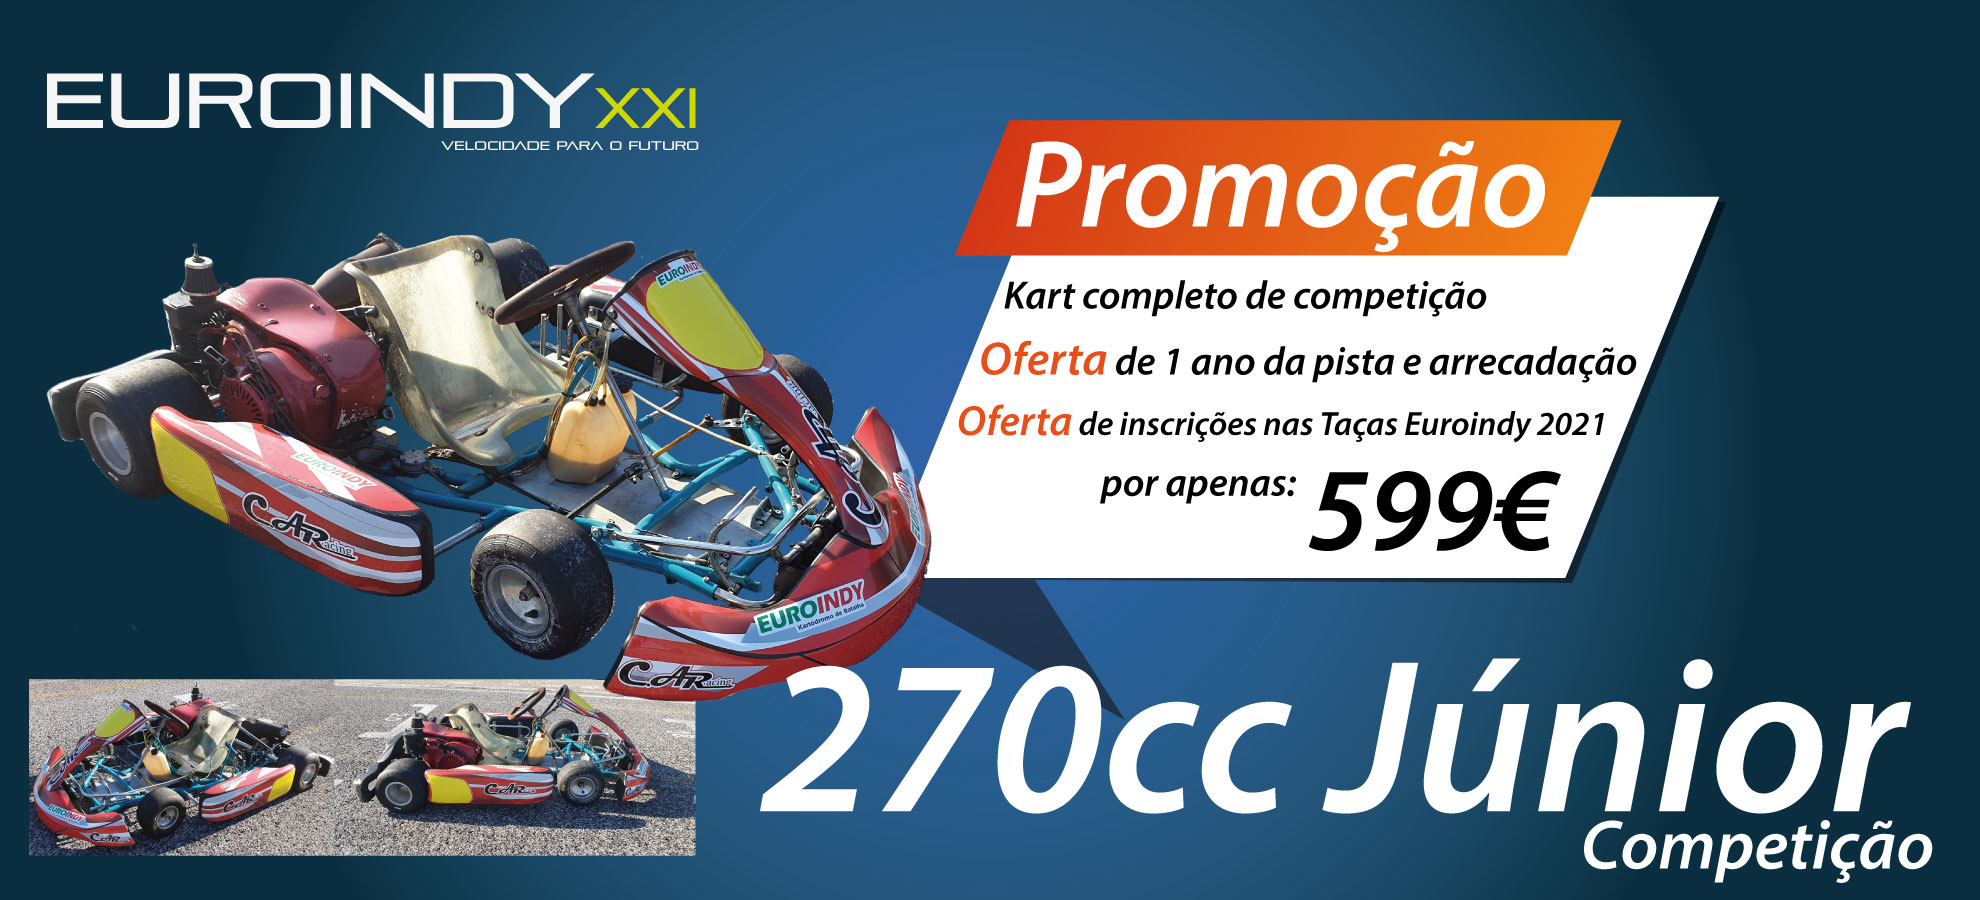 Kart 270cc Júnior de Competição C.A.Racing